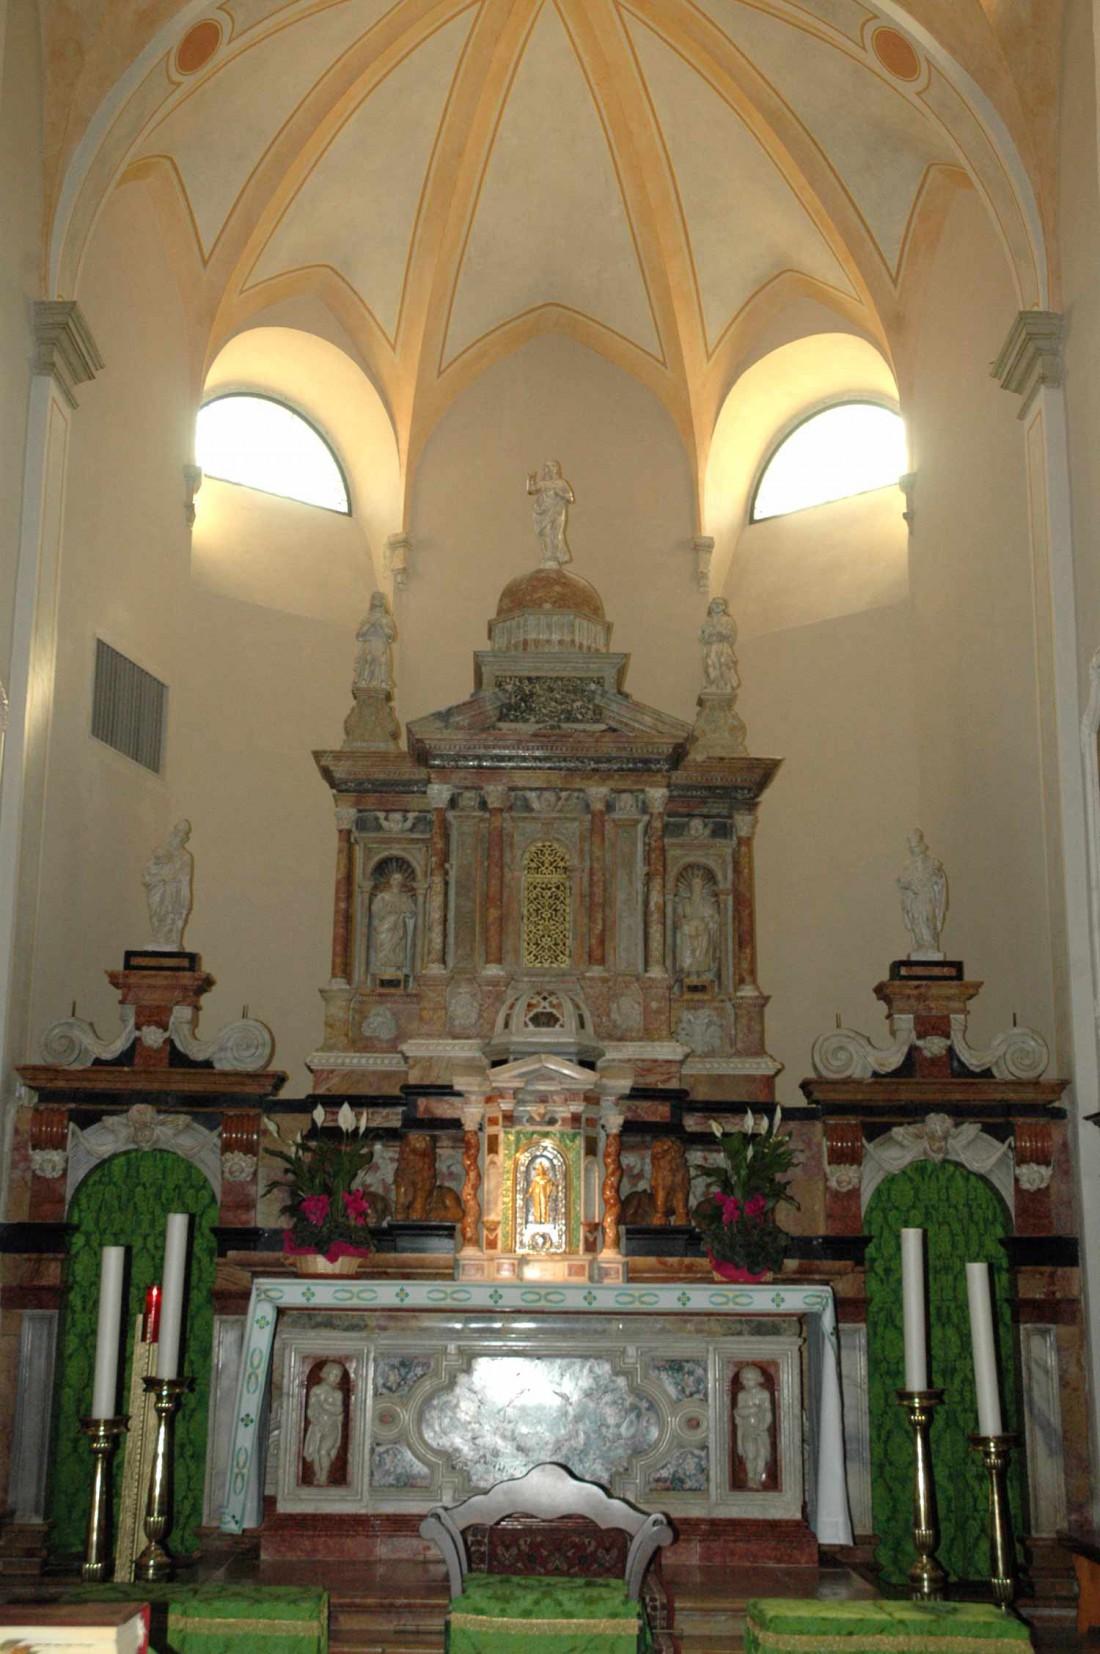 Altare-Chiesa-S.-Pietro-e-Paolo-Brentonico-DI-visitrovereto